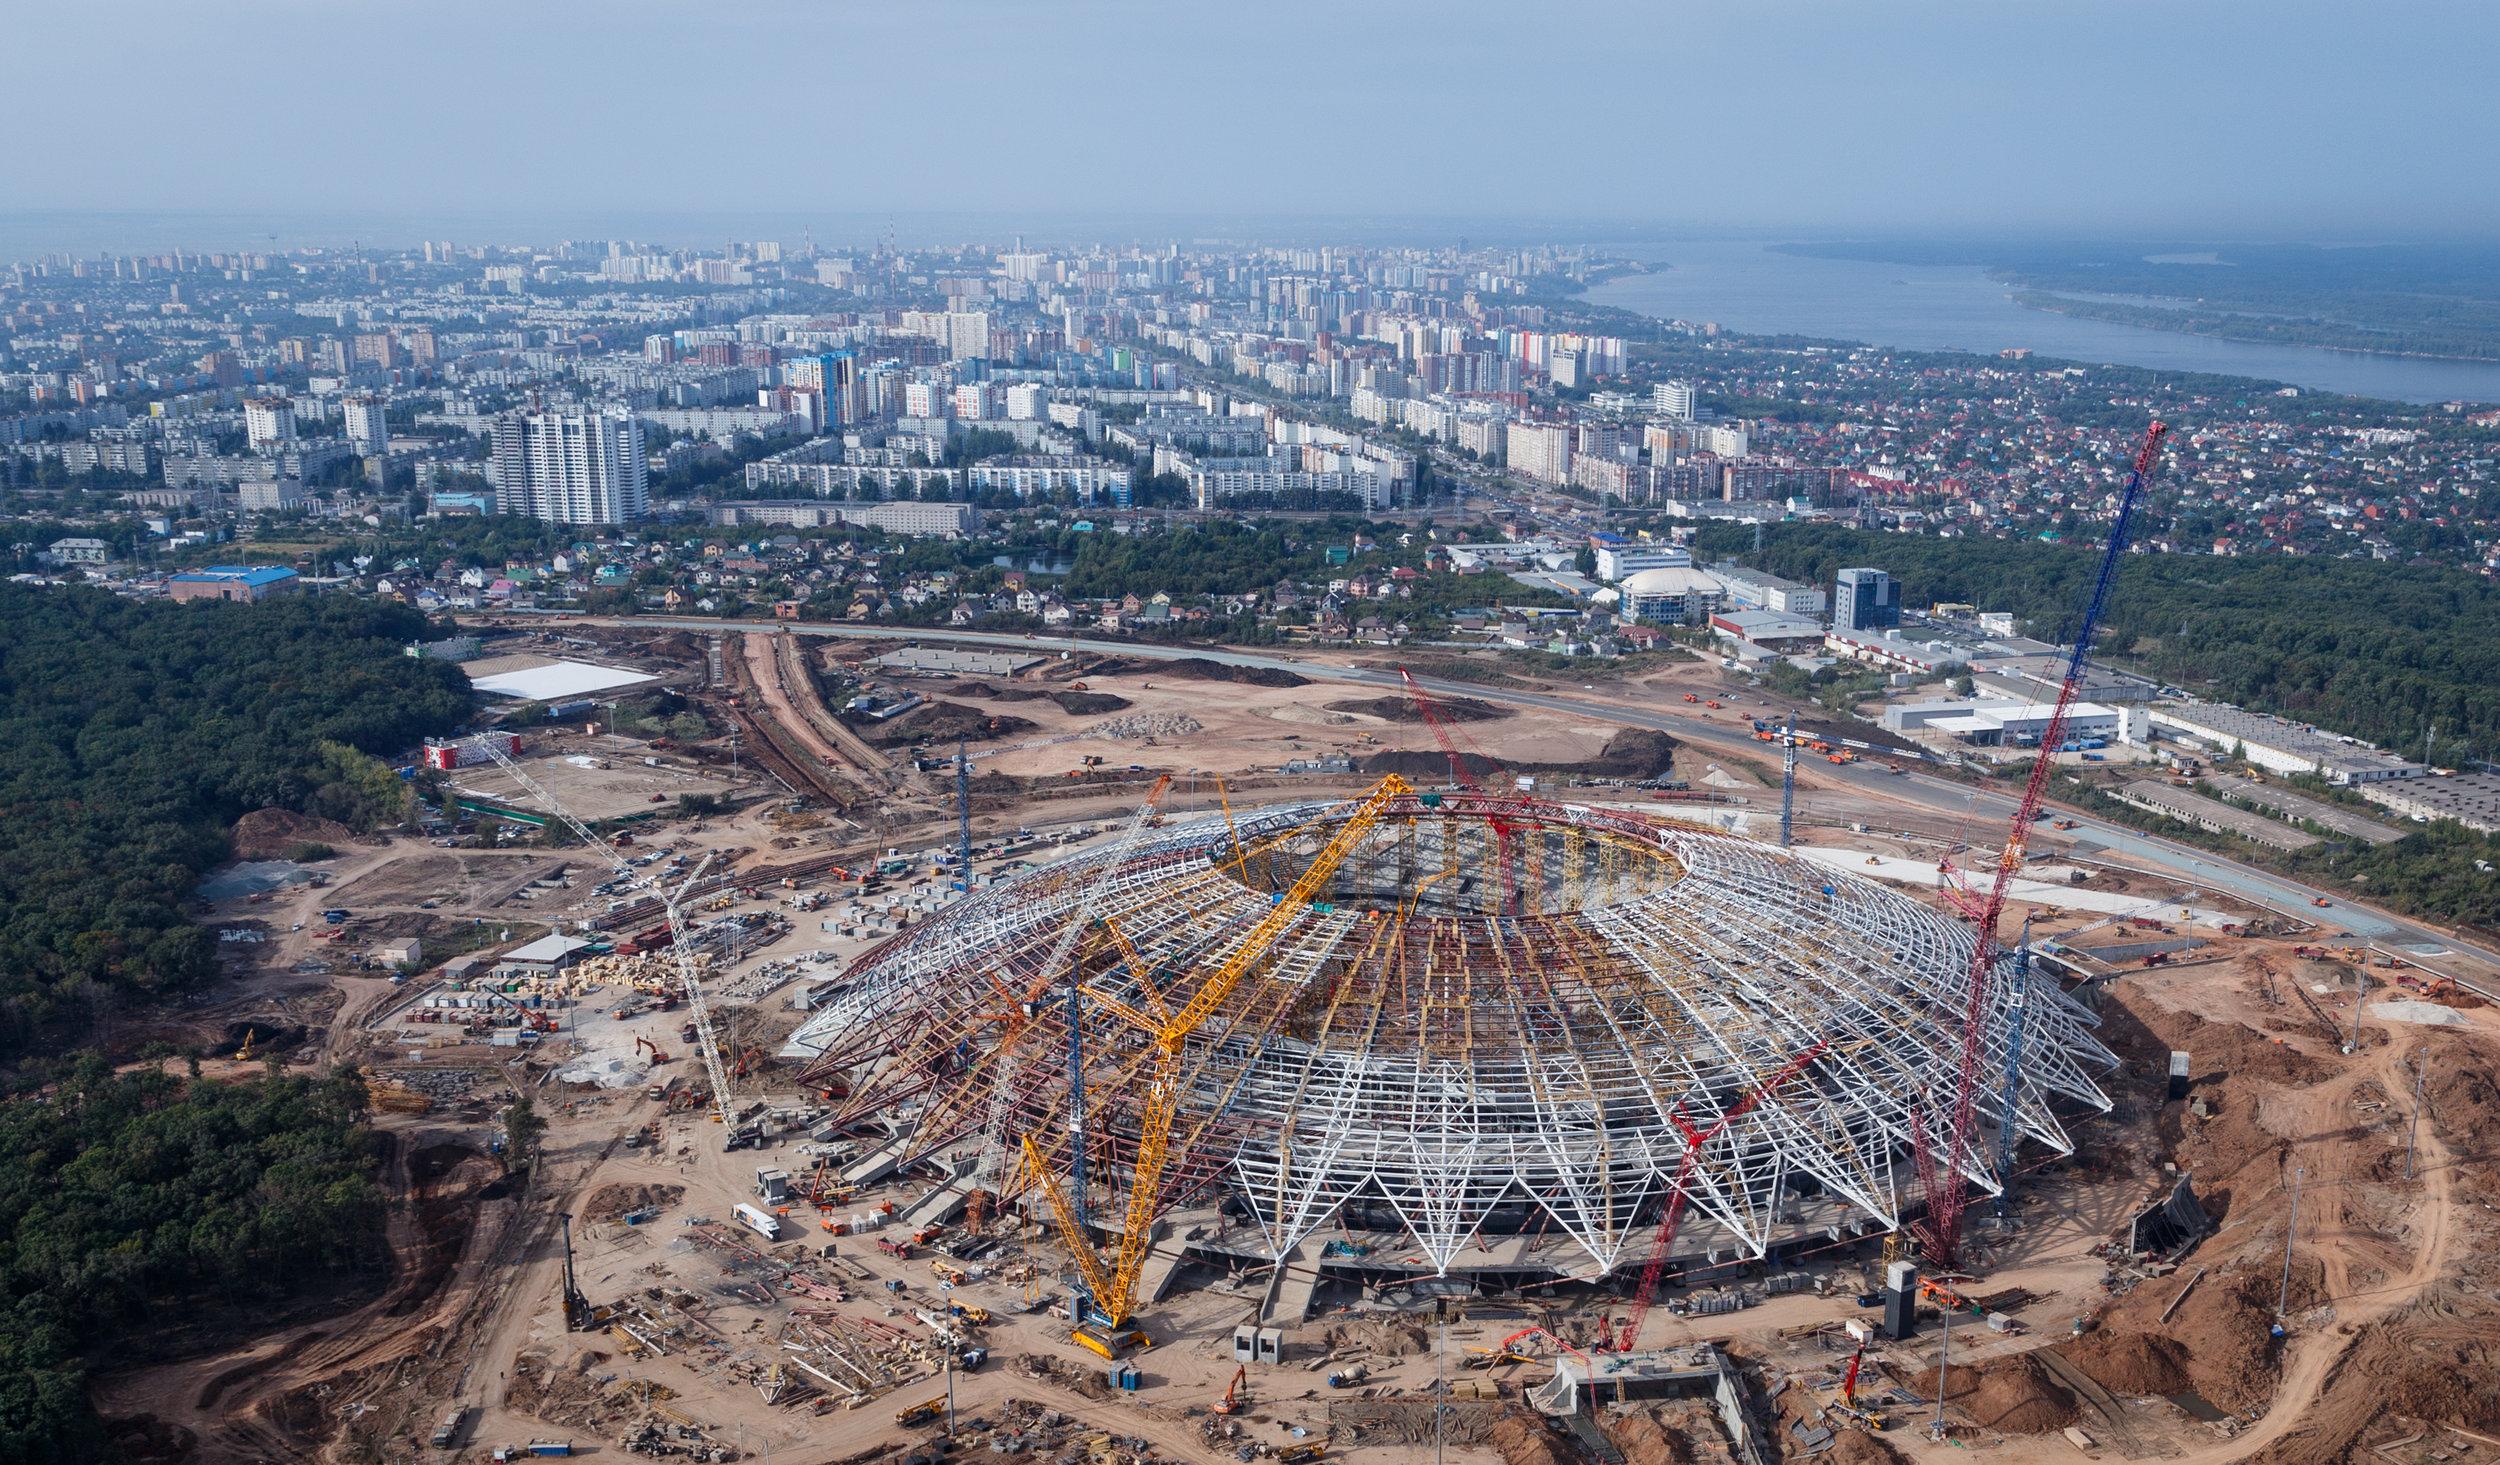 Et billede fra en af værtsbyerne, Samara, der er taget i august 2017, mens stadion stadig var under opførelse. Foto: Getty Images